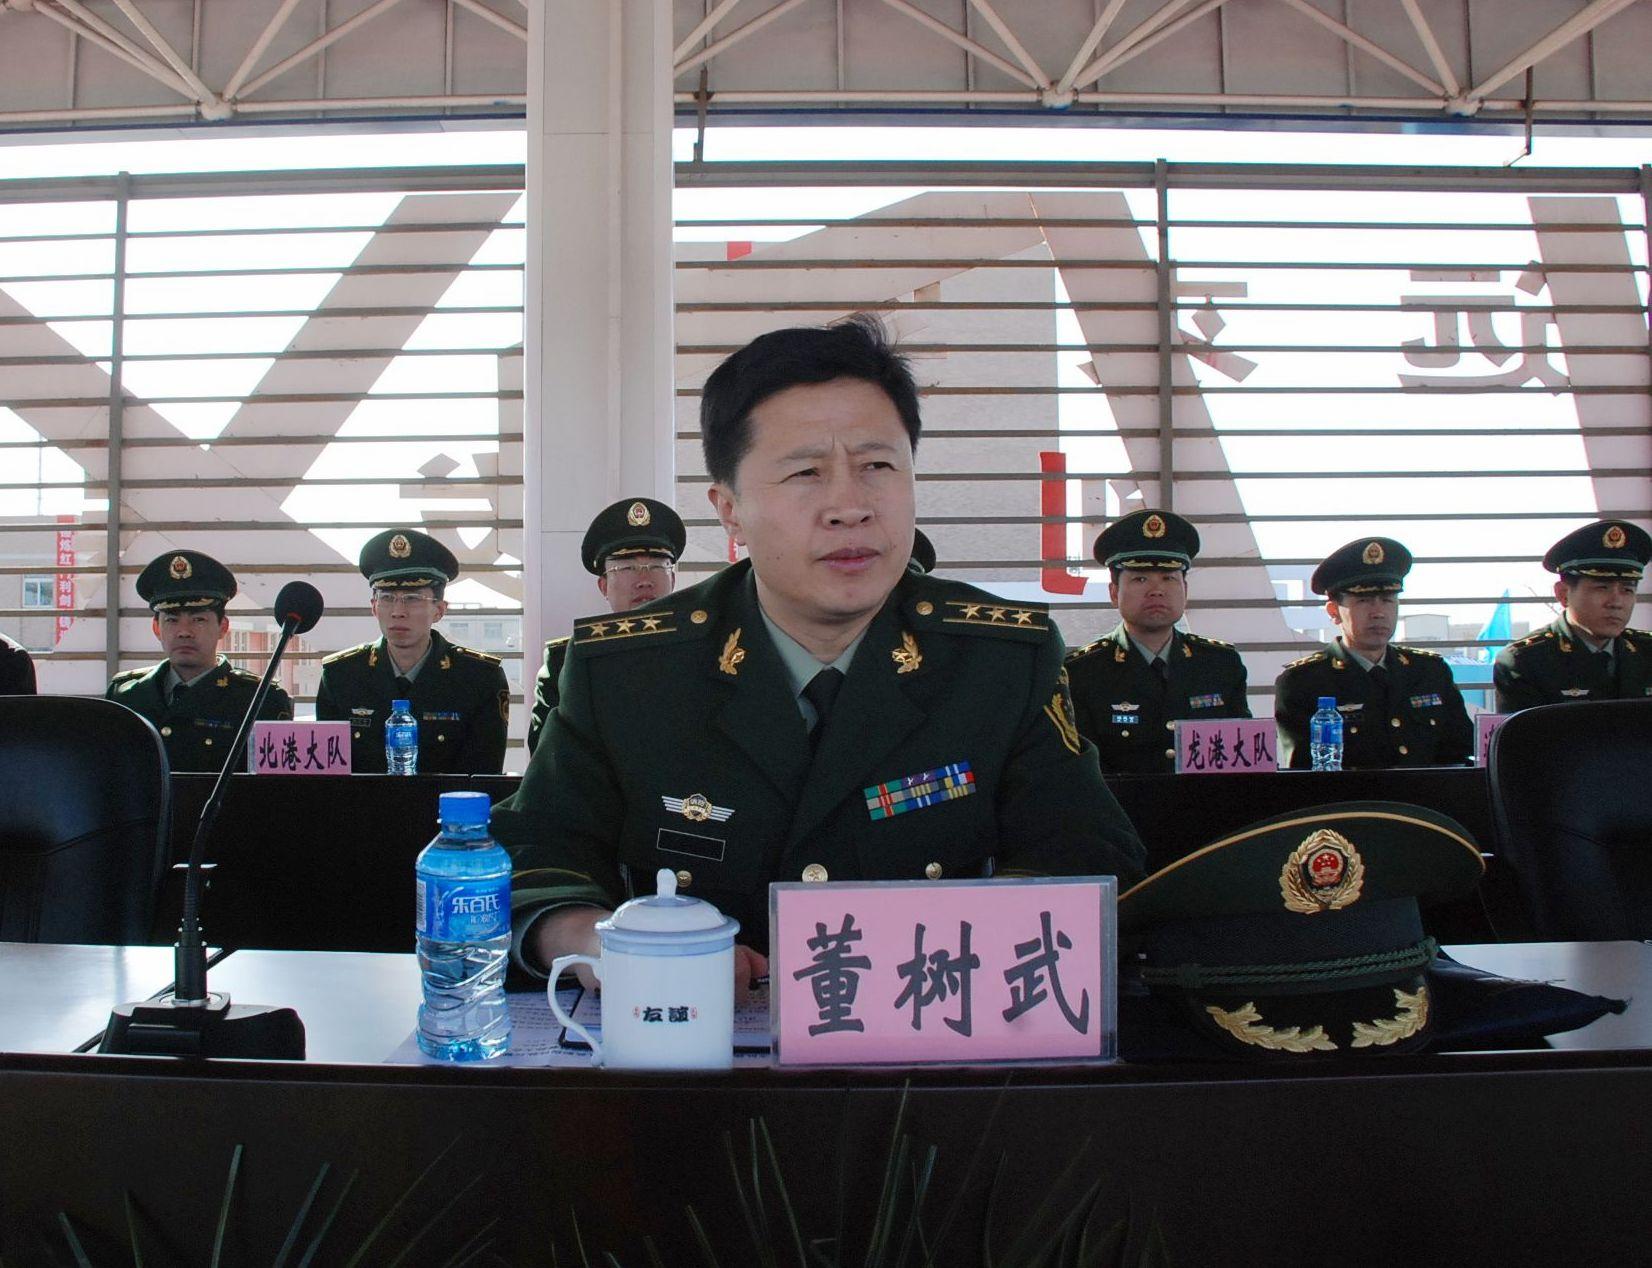 3月30日,葫芦岛支队在模拟训练基地隆重召开全市消防部队执勤岗位练兵